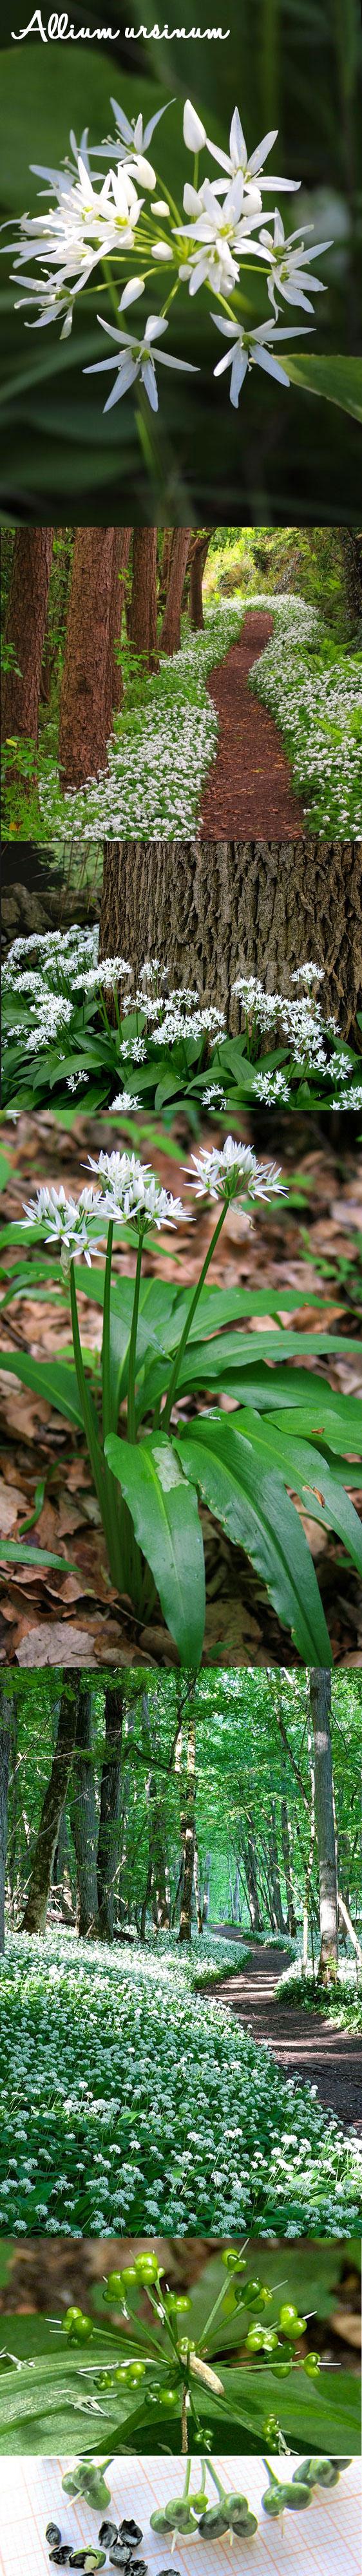 AIL DES OURS Attirent de nbx pollinisateurs. Donne des graines noires vers fin Mai qui sont très ...